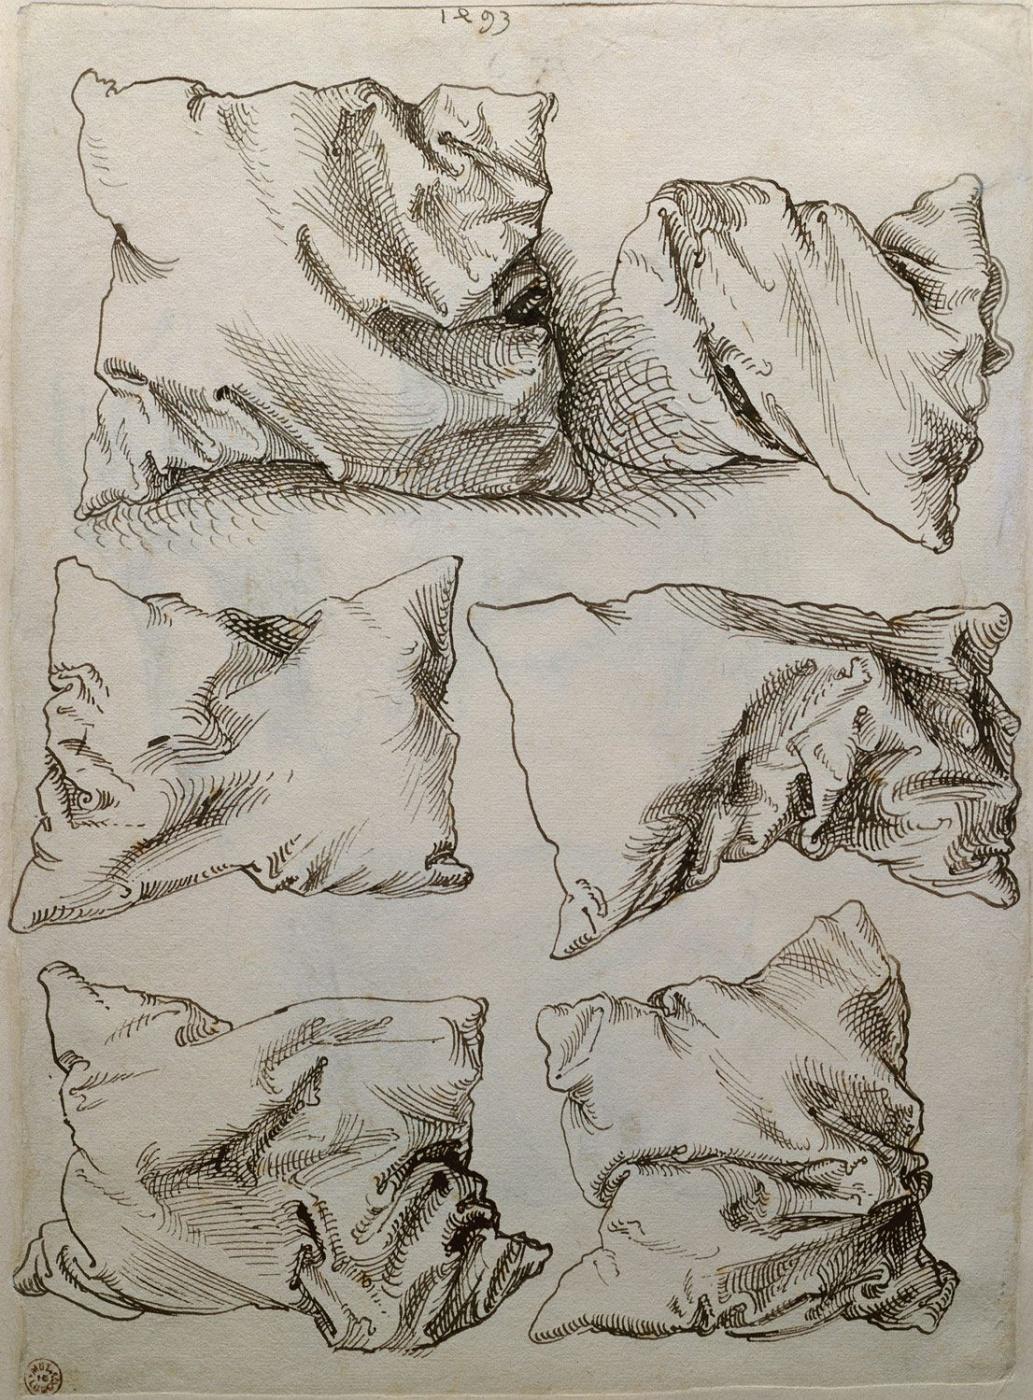 художник / Альбрехт ДЮРЕР (1471-1528) / «Шесть этюдов подушек», (обратная сторона «Автопортрета с этюдами руки и подушки»)